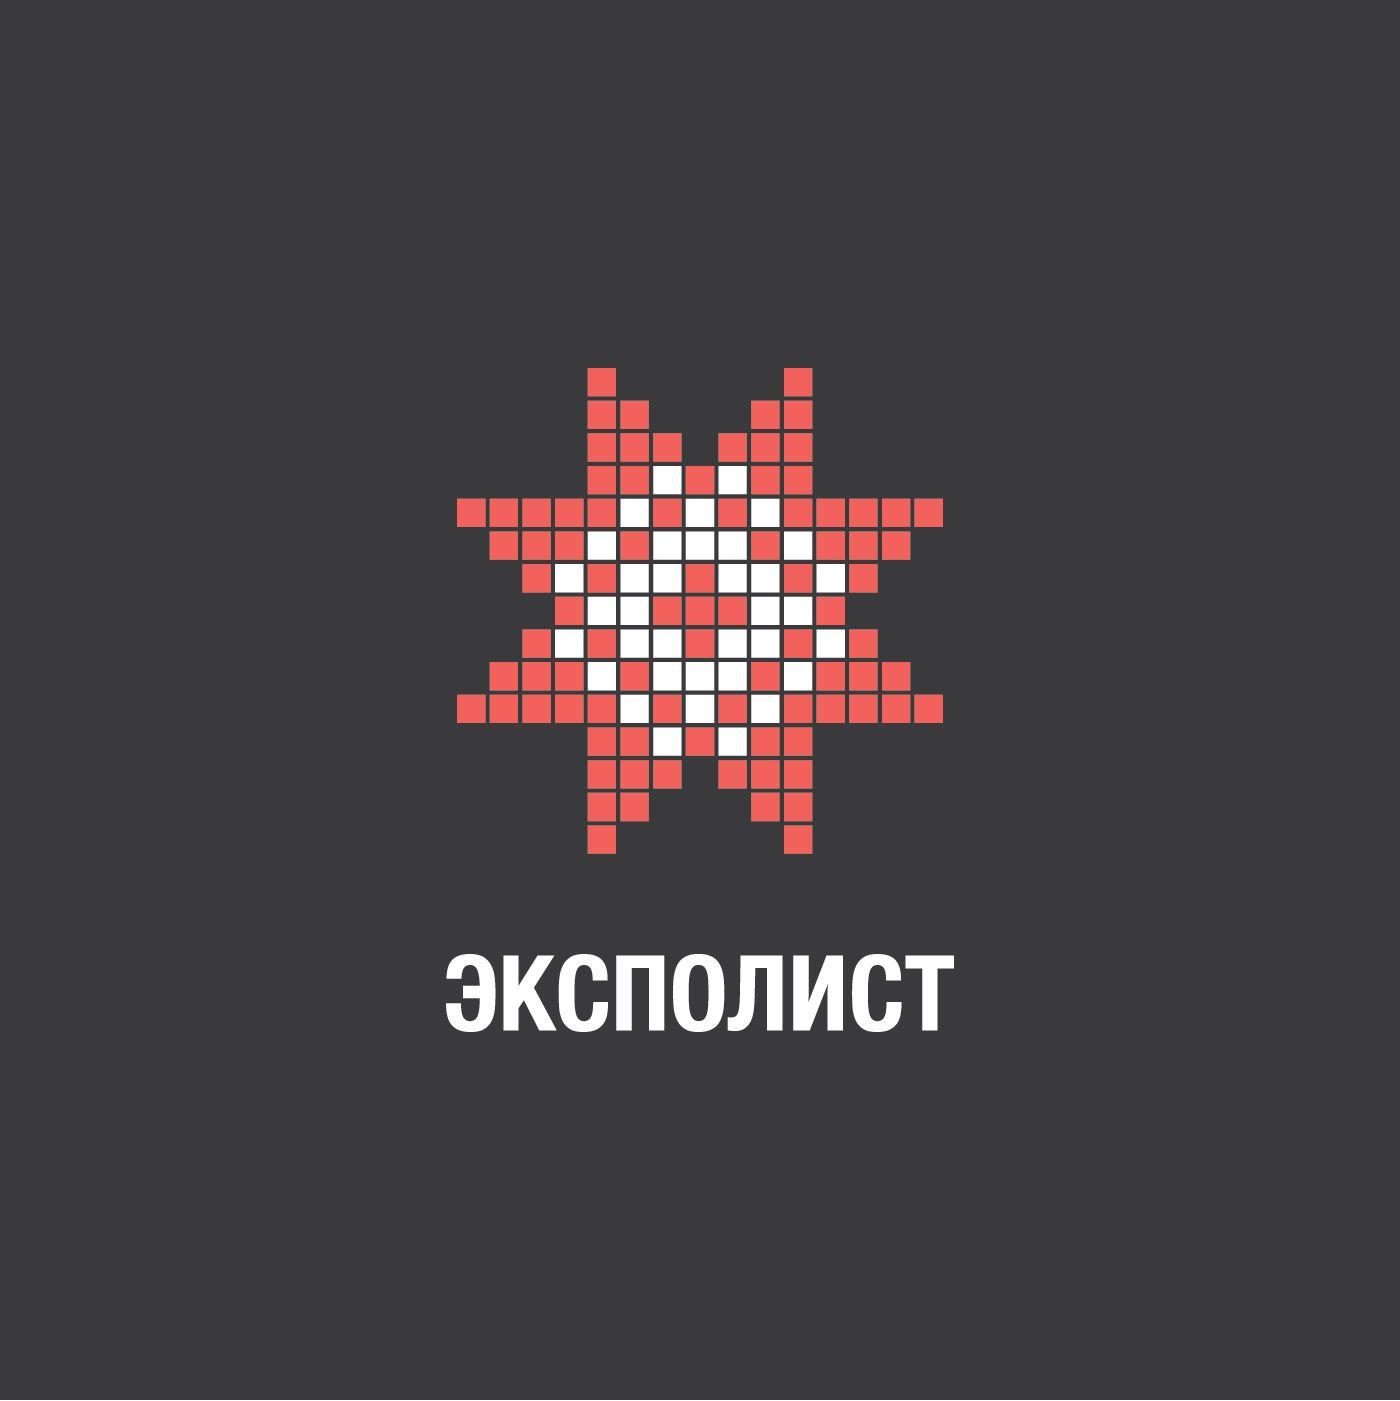 Логотип выставочной компании Эксполист - дизайнер rikozi